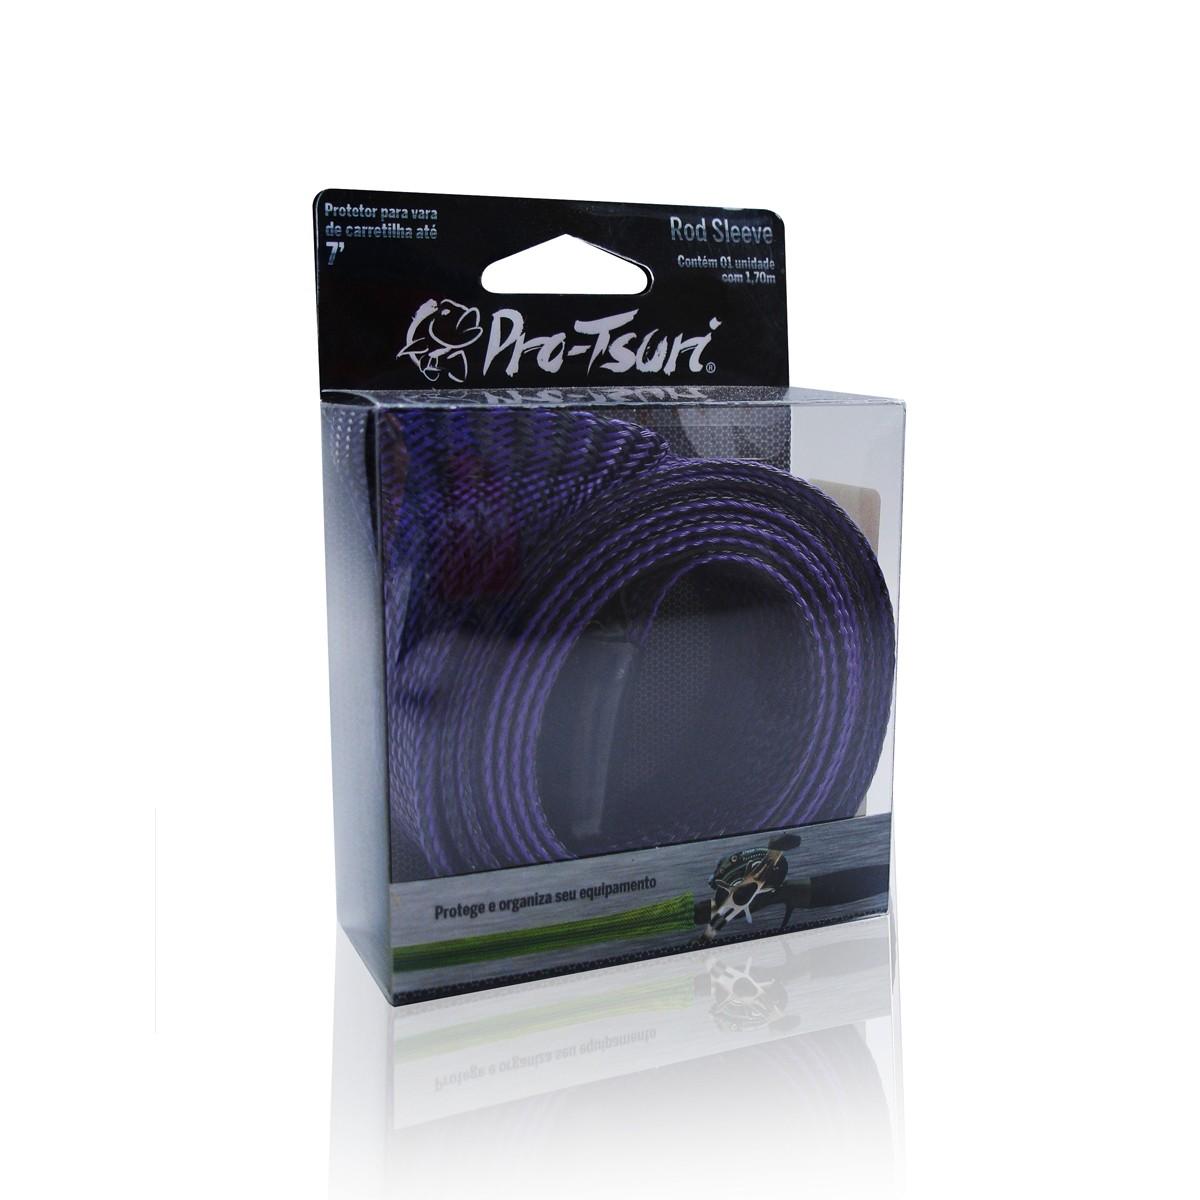 Rod Sleeve Pro-Tsuri Protetor De Vara Para Carretilha Até 6